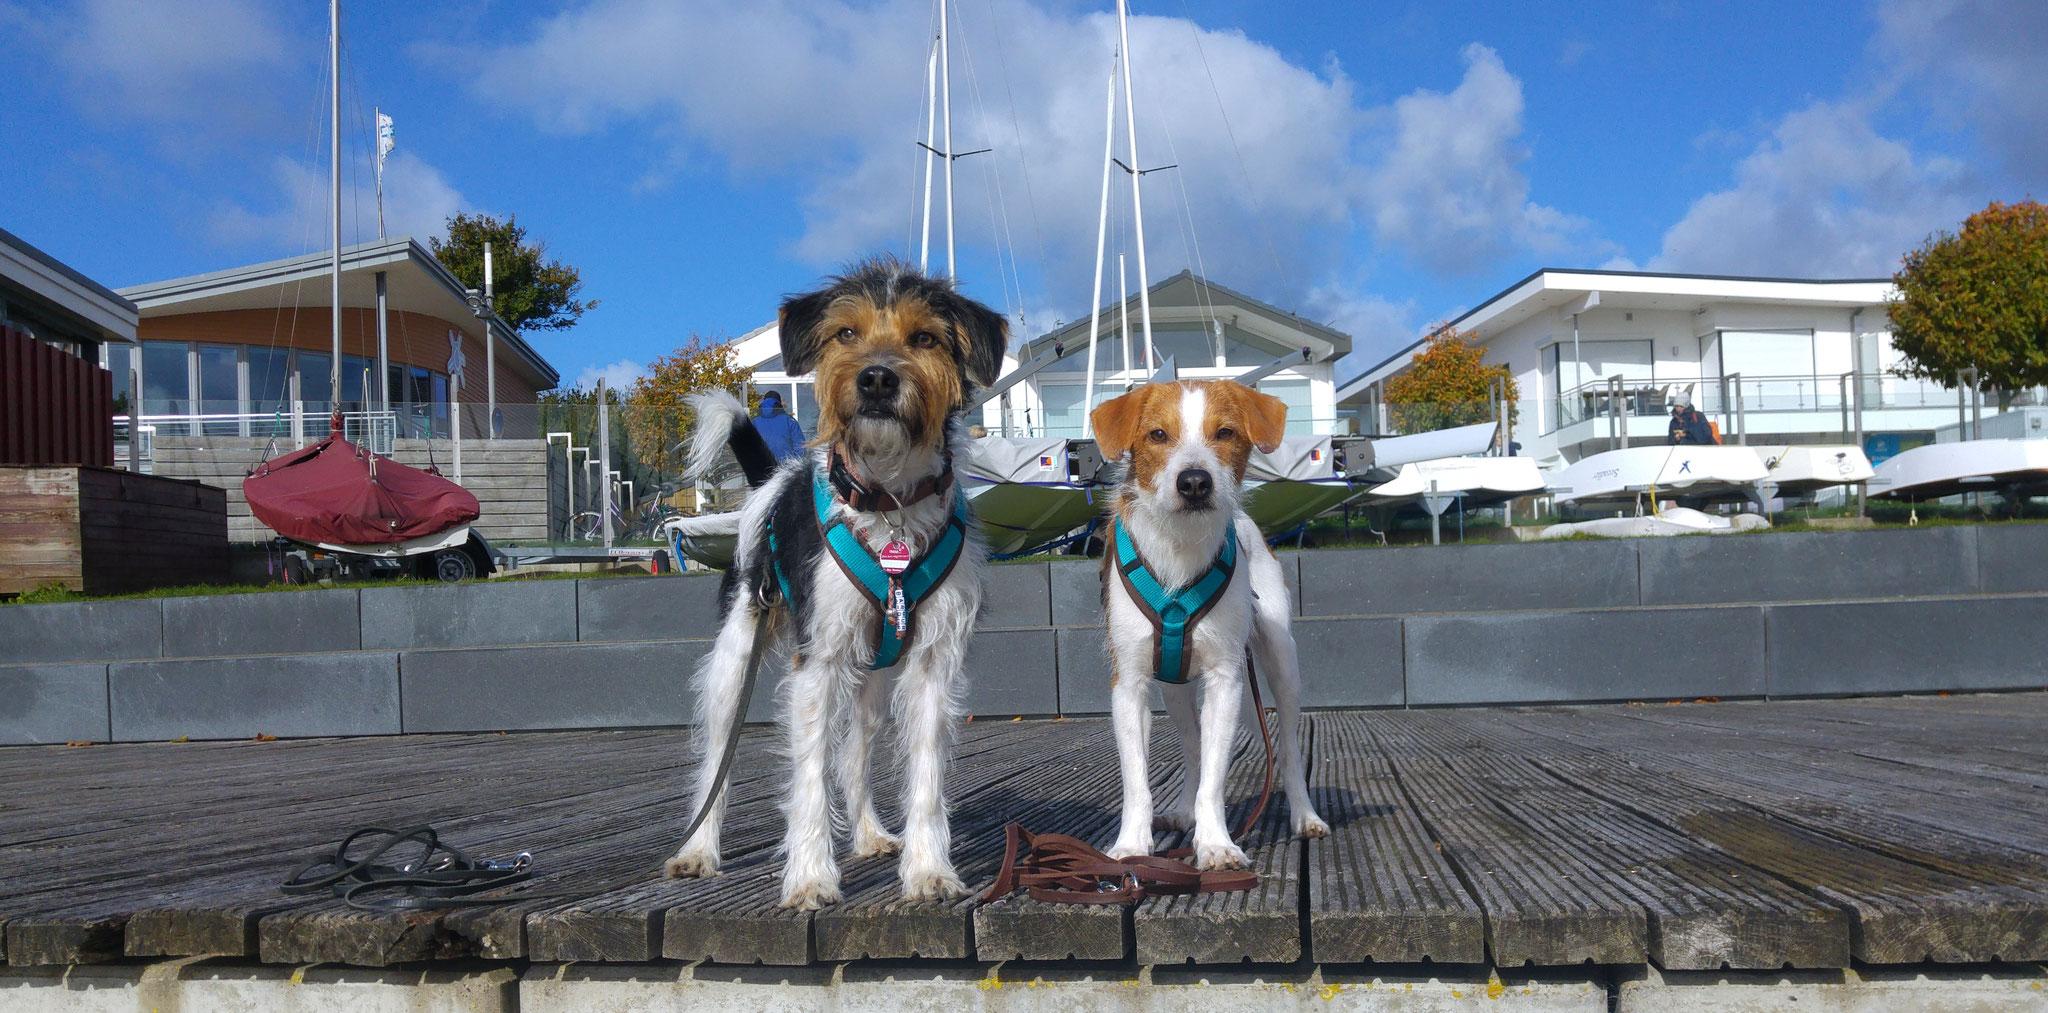 Digga und Bardur hat es am Yachthafen gefallen;-)